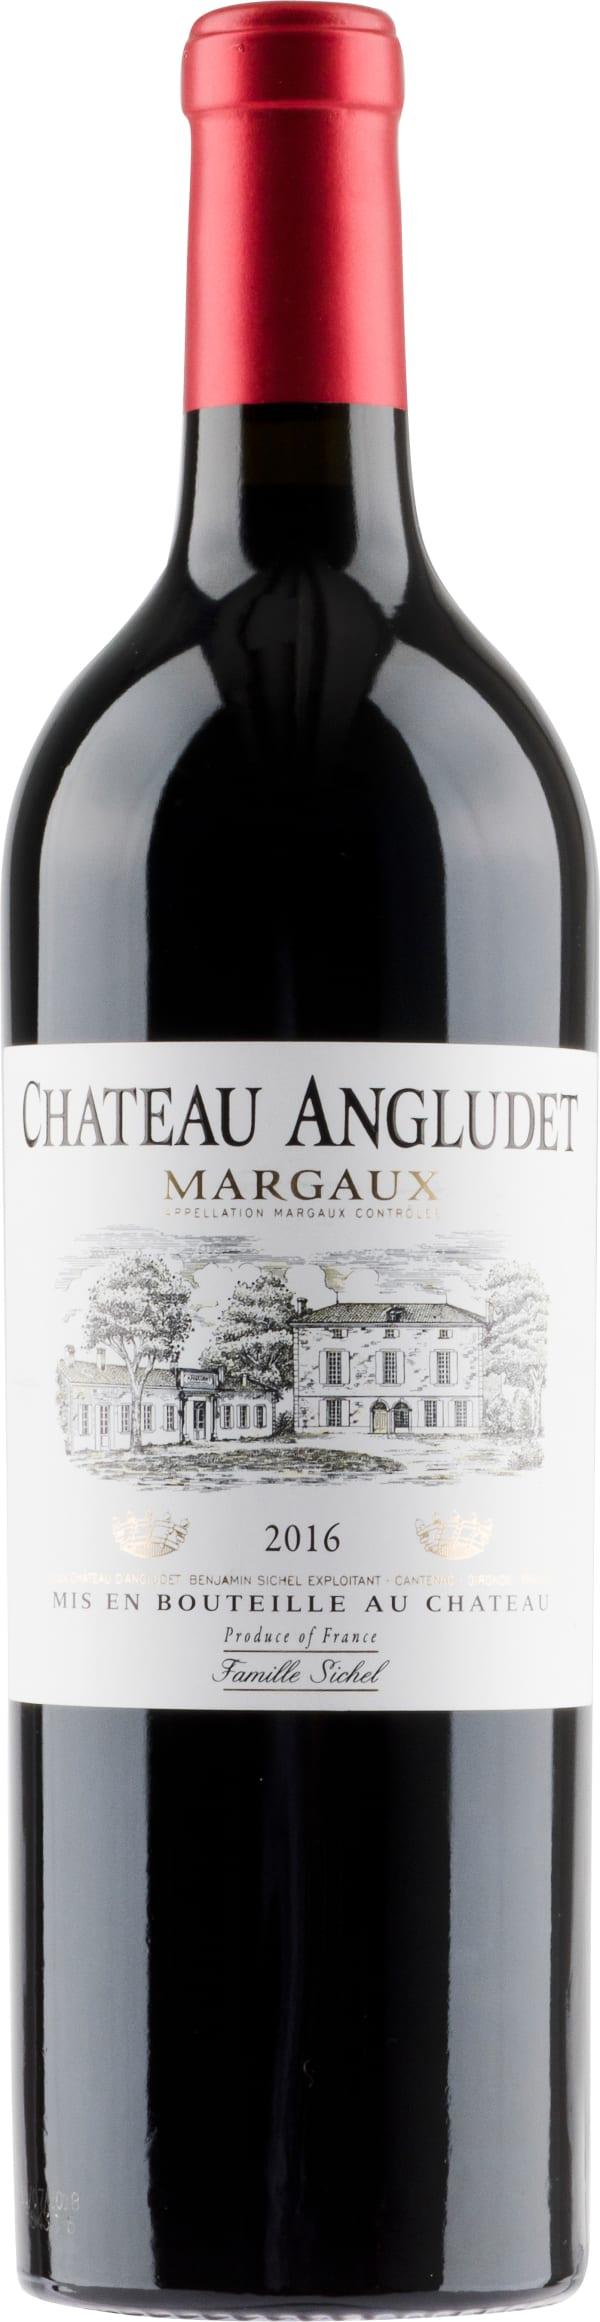 Château Angludet 2016